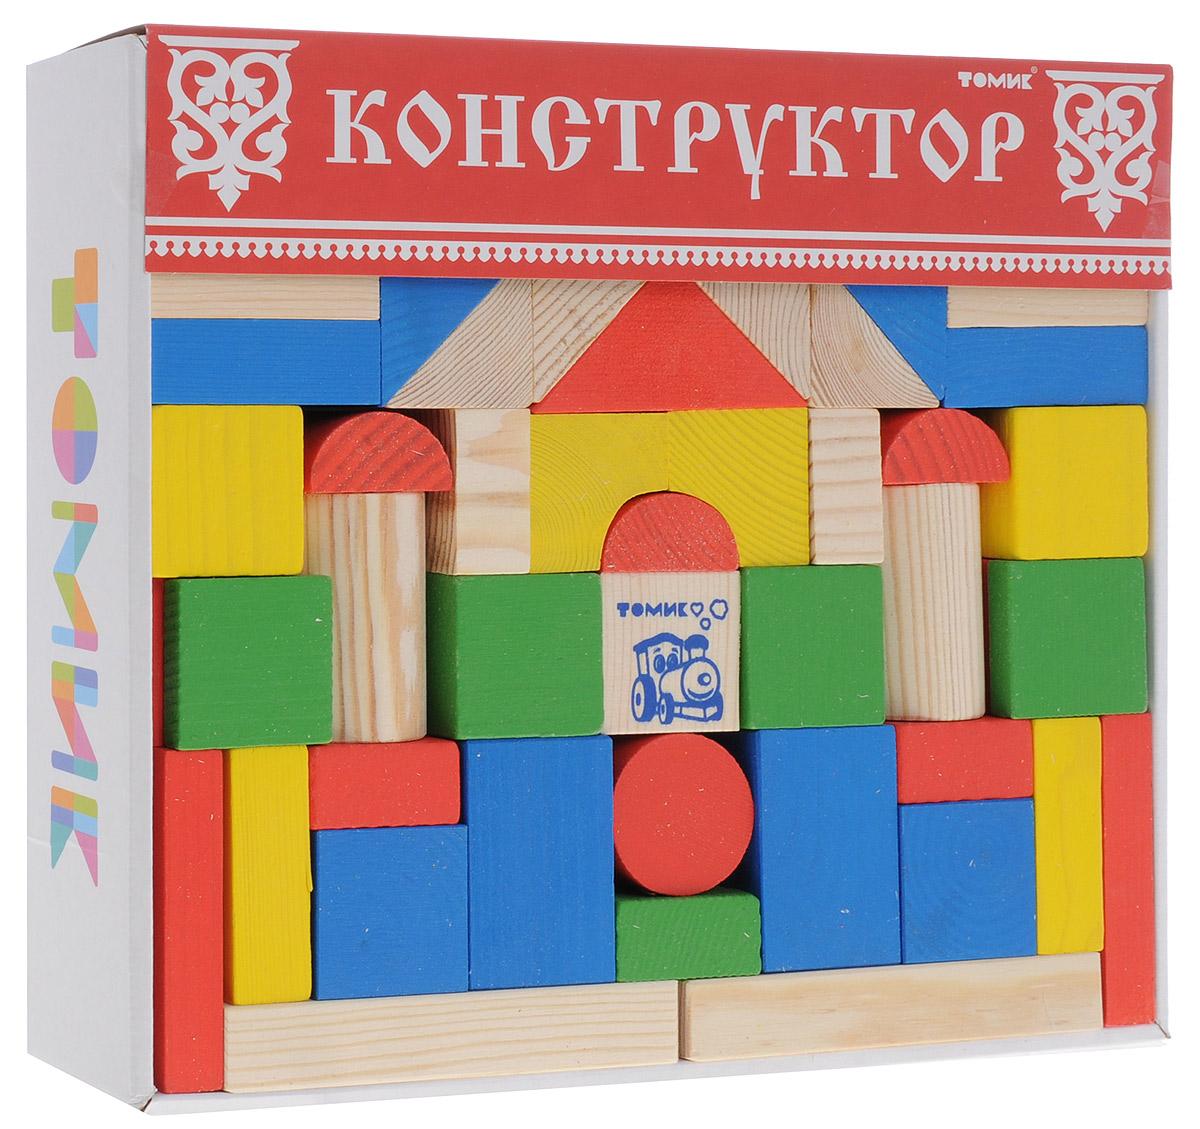 Томик Конструктор Цветной6678-65Конструктор Томик Цветной состоит из 65 цветных и неокрашенных деталей разной формы. Все элементы изготовлены из экологически чистого дерева, краски не токсичные и безопасны для ребенка. С таким конструктором ребенок с удовольствием построит башни, красивые арки, мостики, а если дополнить набор другими конструкторами, то можно сотворить великолепный замок или крепость. Такая игра развивает пространственное мышление, фантазию, умение использовать форму предмета, моторику, координацию, приучает ребенка к усидчивости.